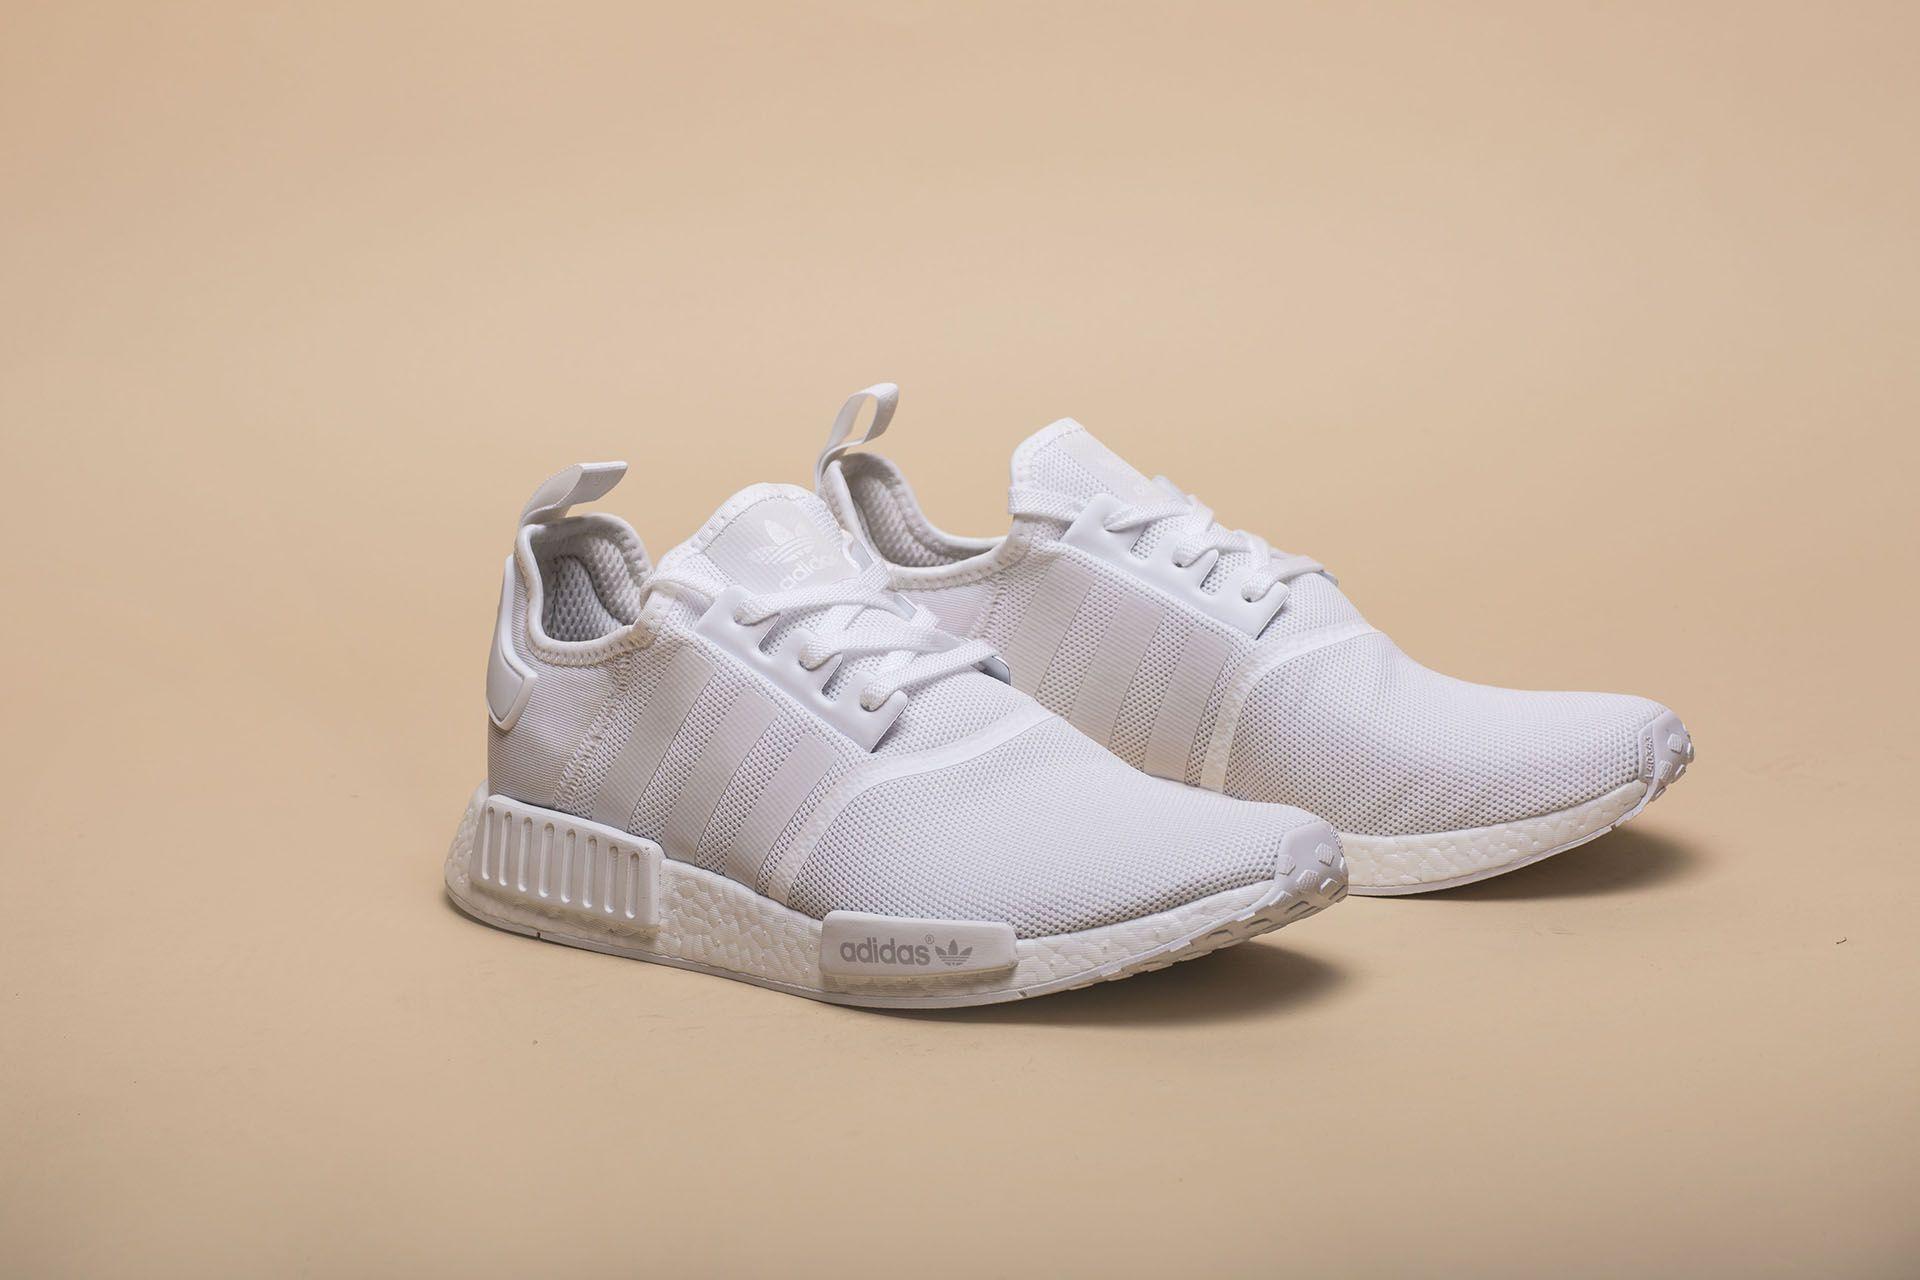 113e6d57 Купить белые мужские кроссовки NMD R1 от adidas Originals (BA7245 ...